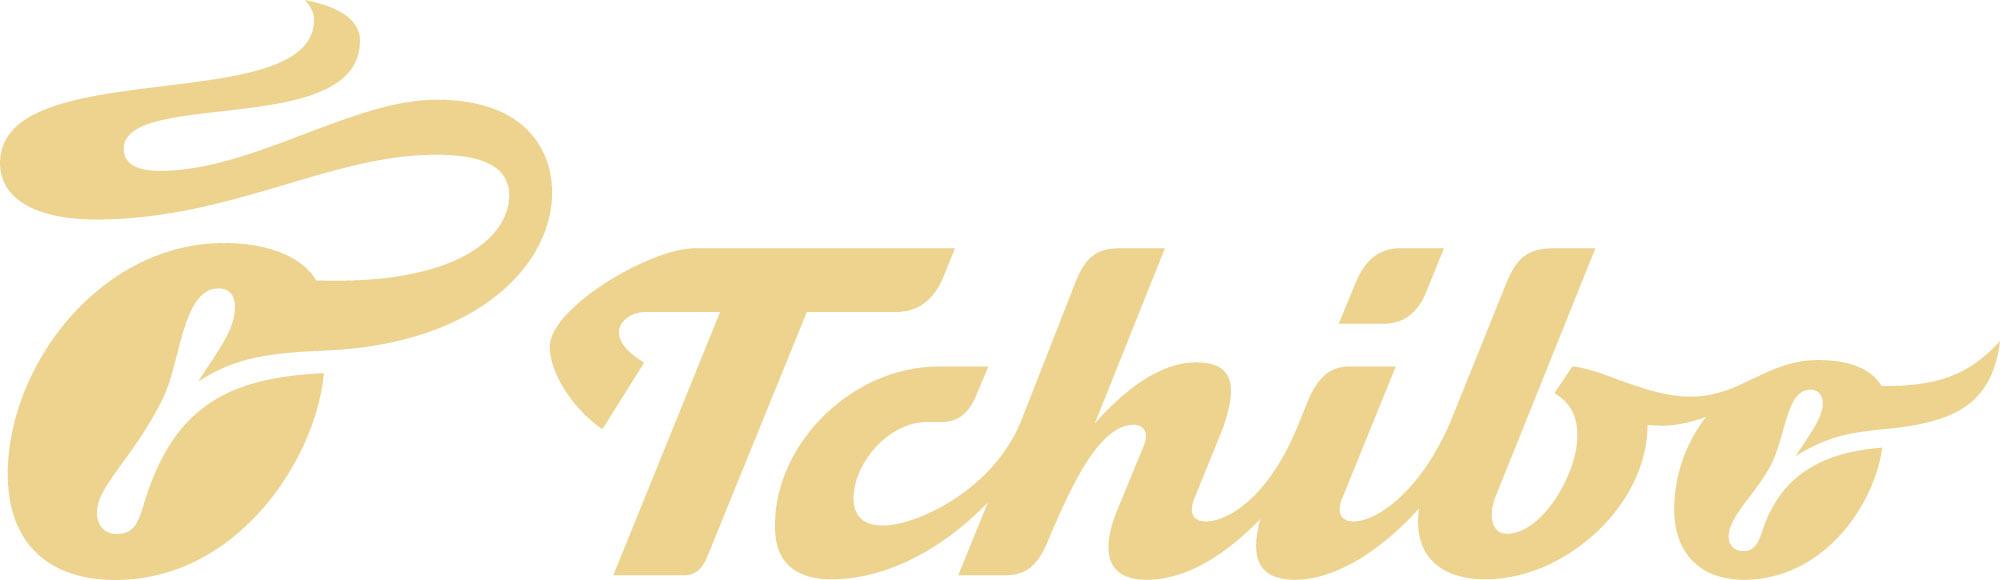 Gewinne mit Tchibo Mode-Statements für den Sommer! - Sponsor logo